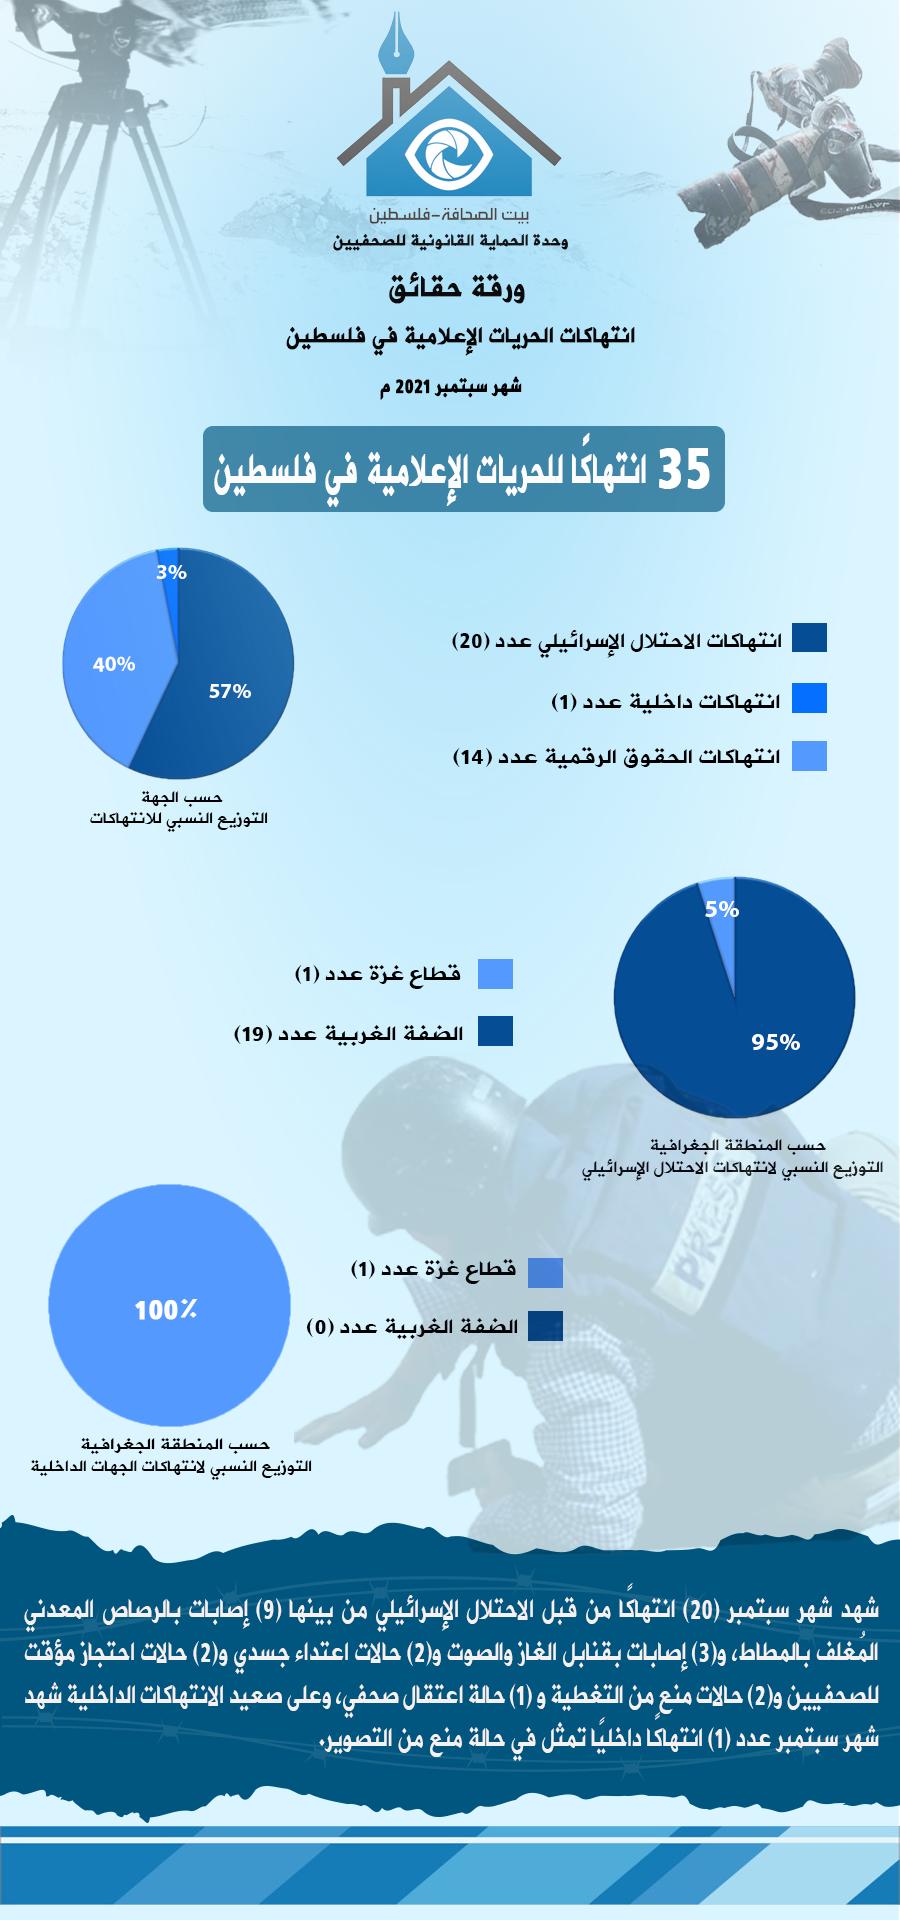 ورقة حقائق شهر 9 سبتمبر 2021 - عربي.png